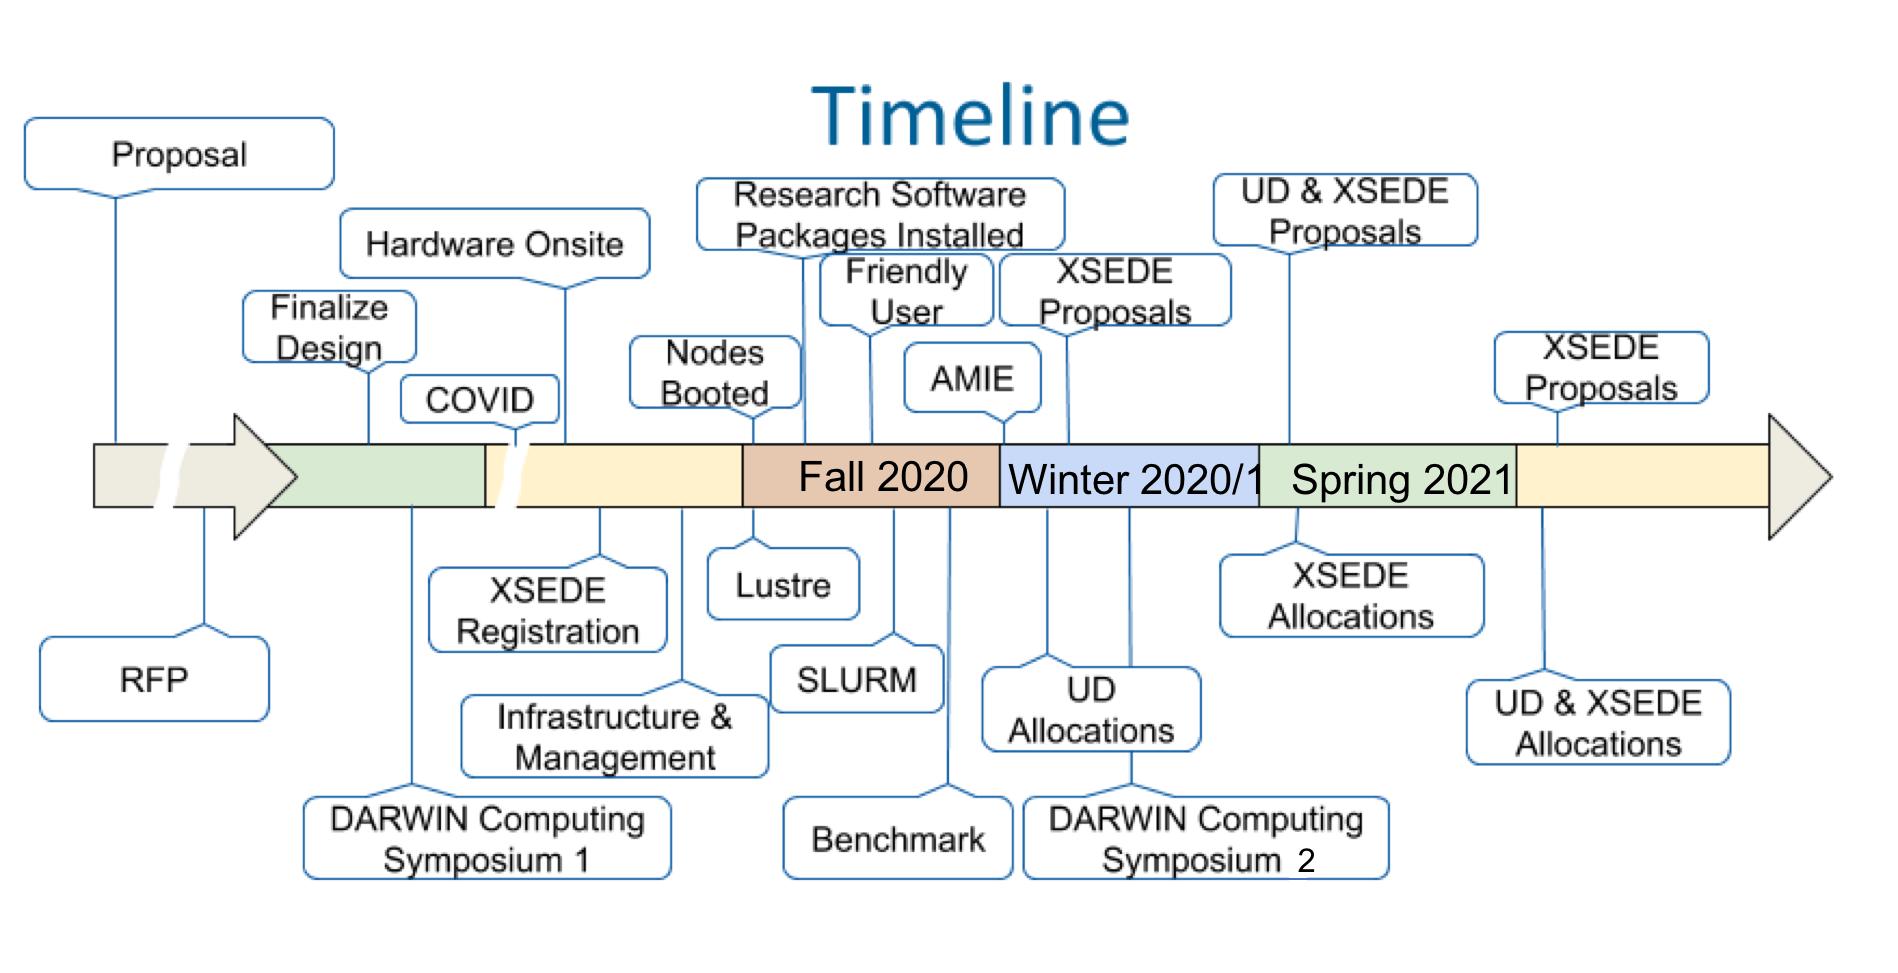 DARWIN Brief Overview Slide1